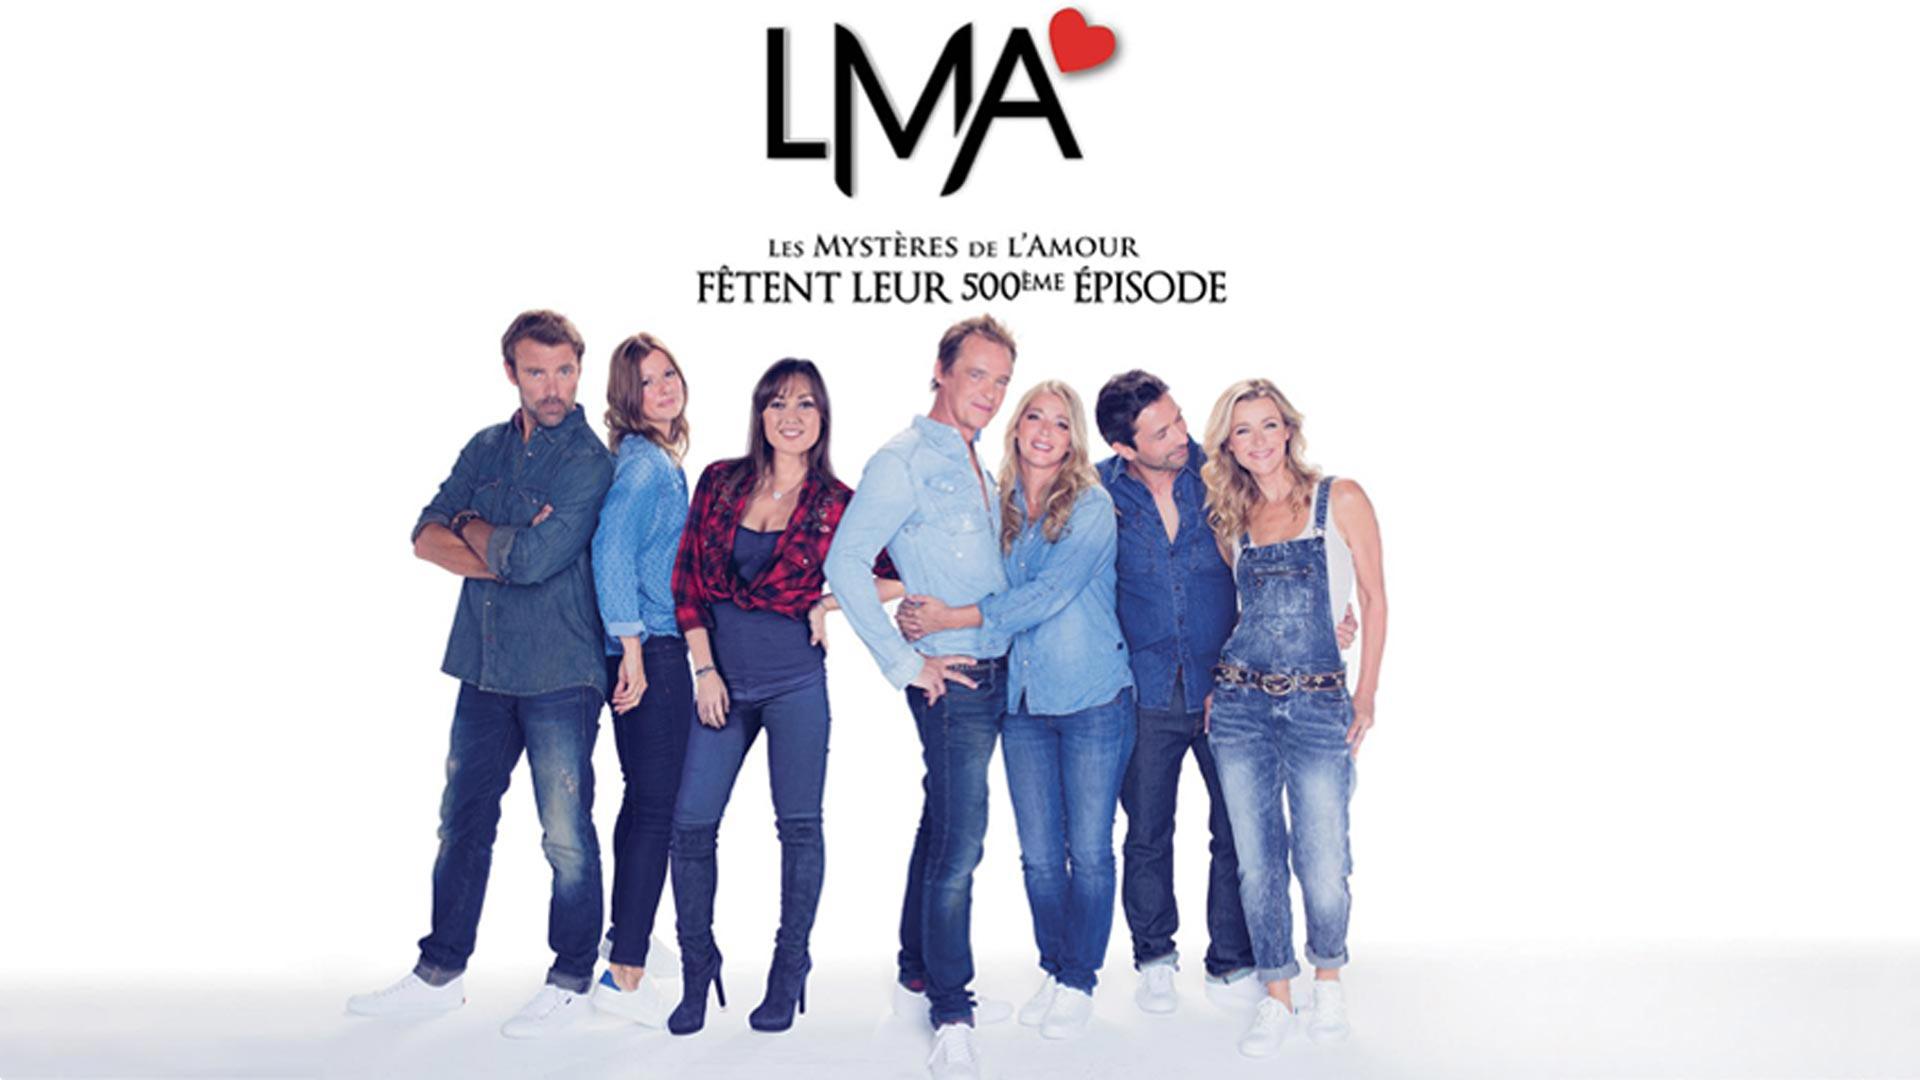 Visuel du jeu-concours pour rencontrer les comédiens de la série Les Mystères de l'Amour avec TF1 et Vous